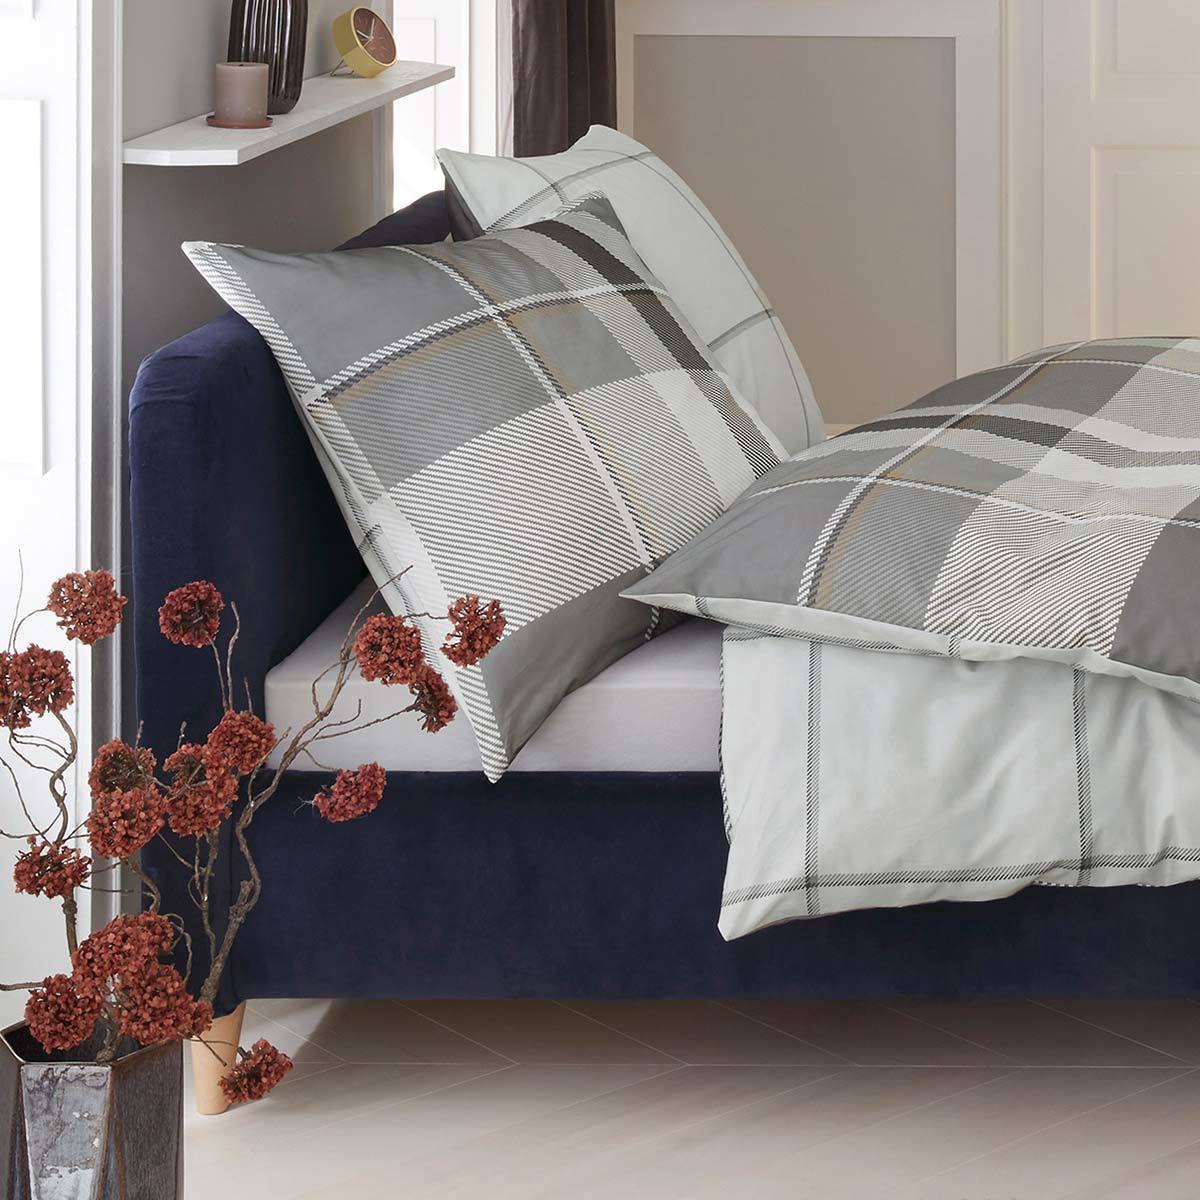 s oliver feinflanell bettw sche 6134 870 g nstig online kaufen bei bettwaren shop. Black Bedroom Furniture Sets. Home Design Ideas